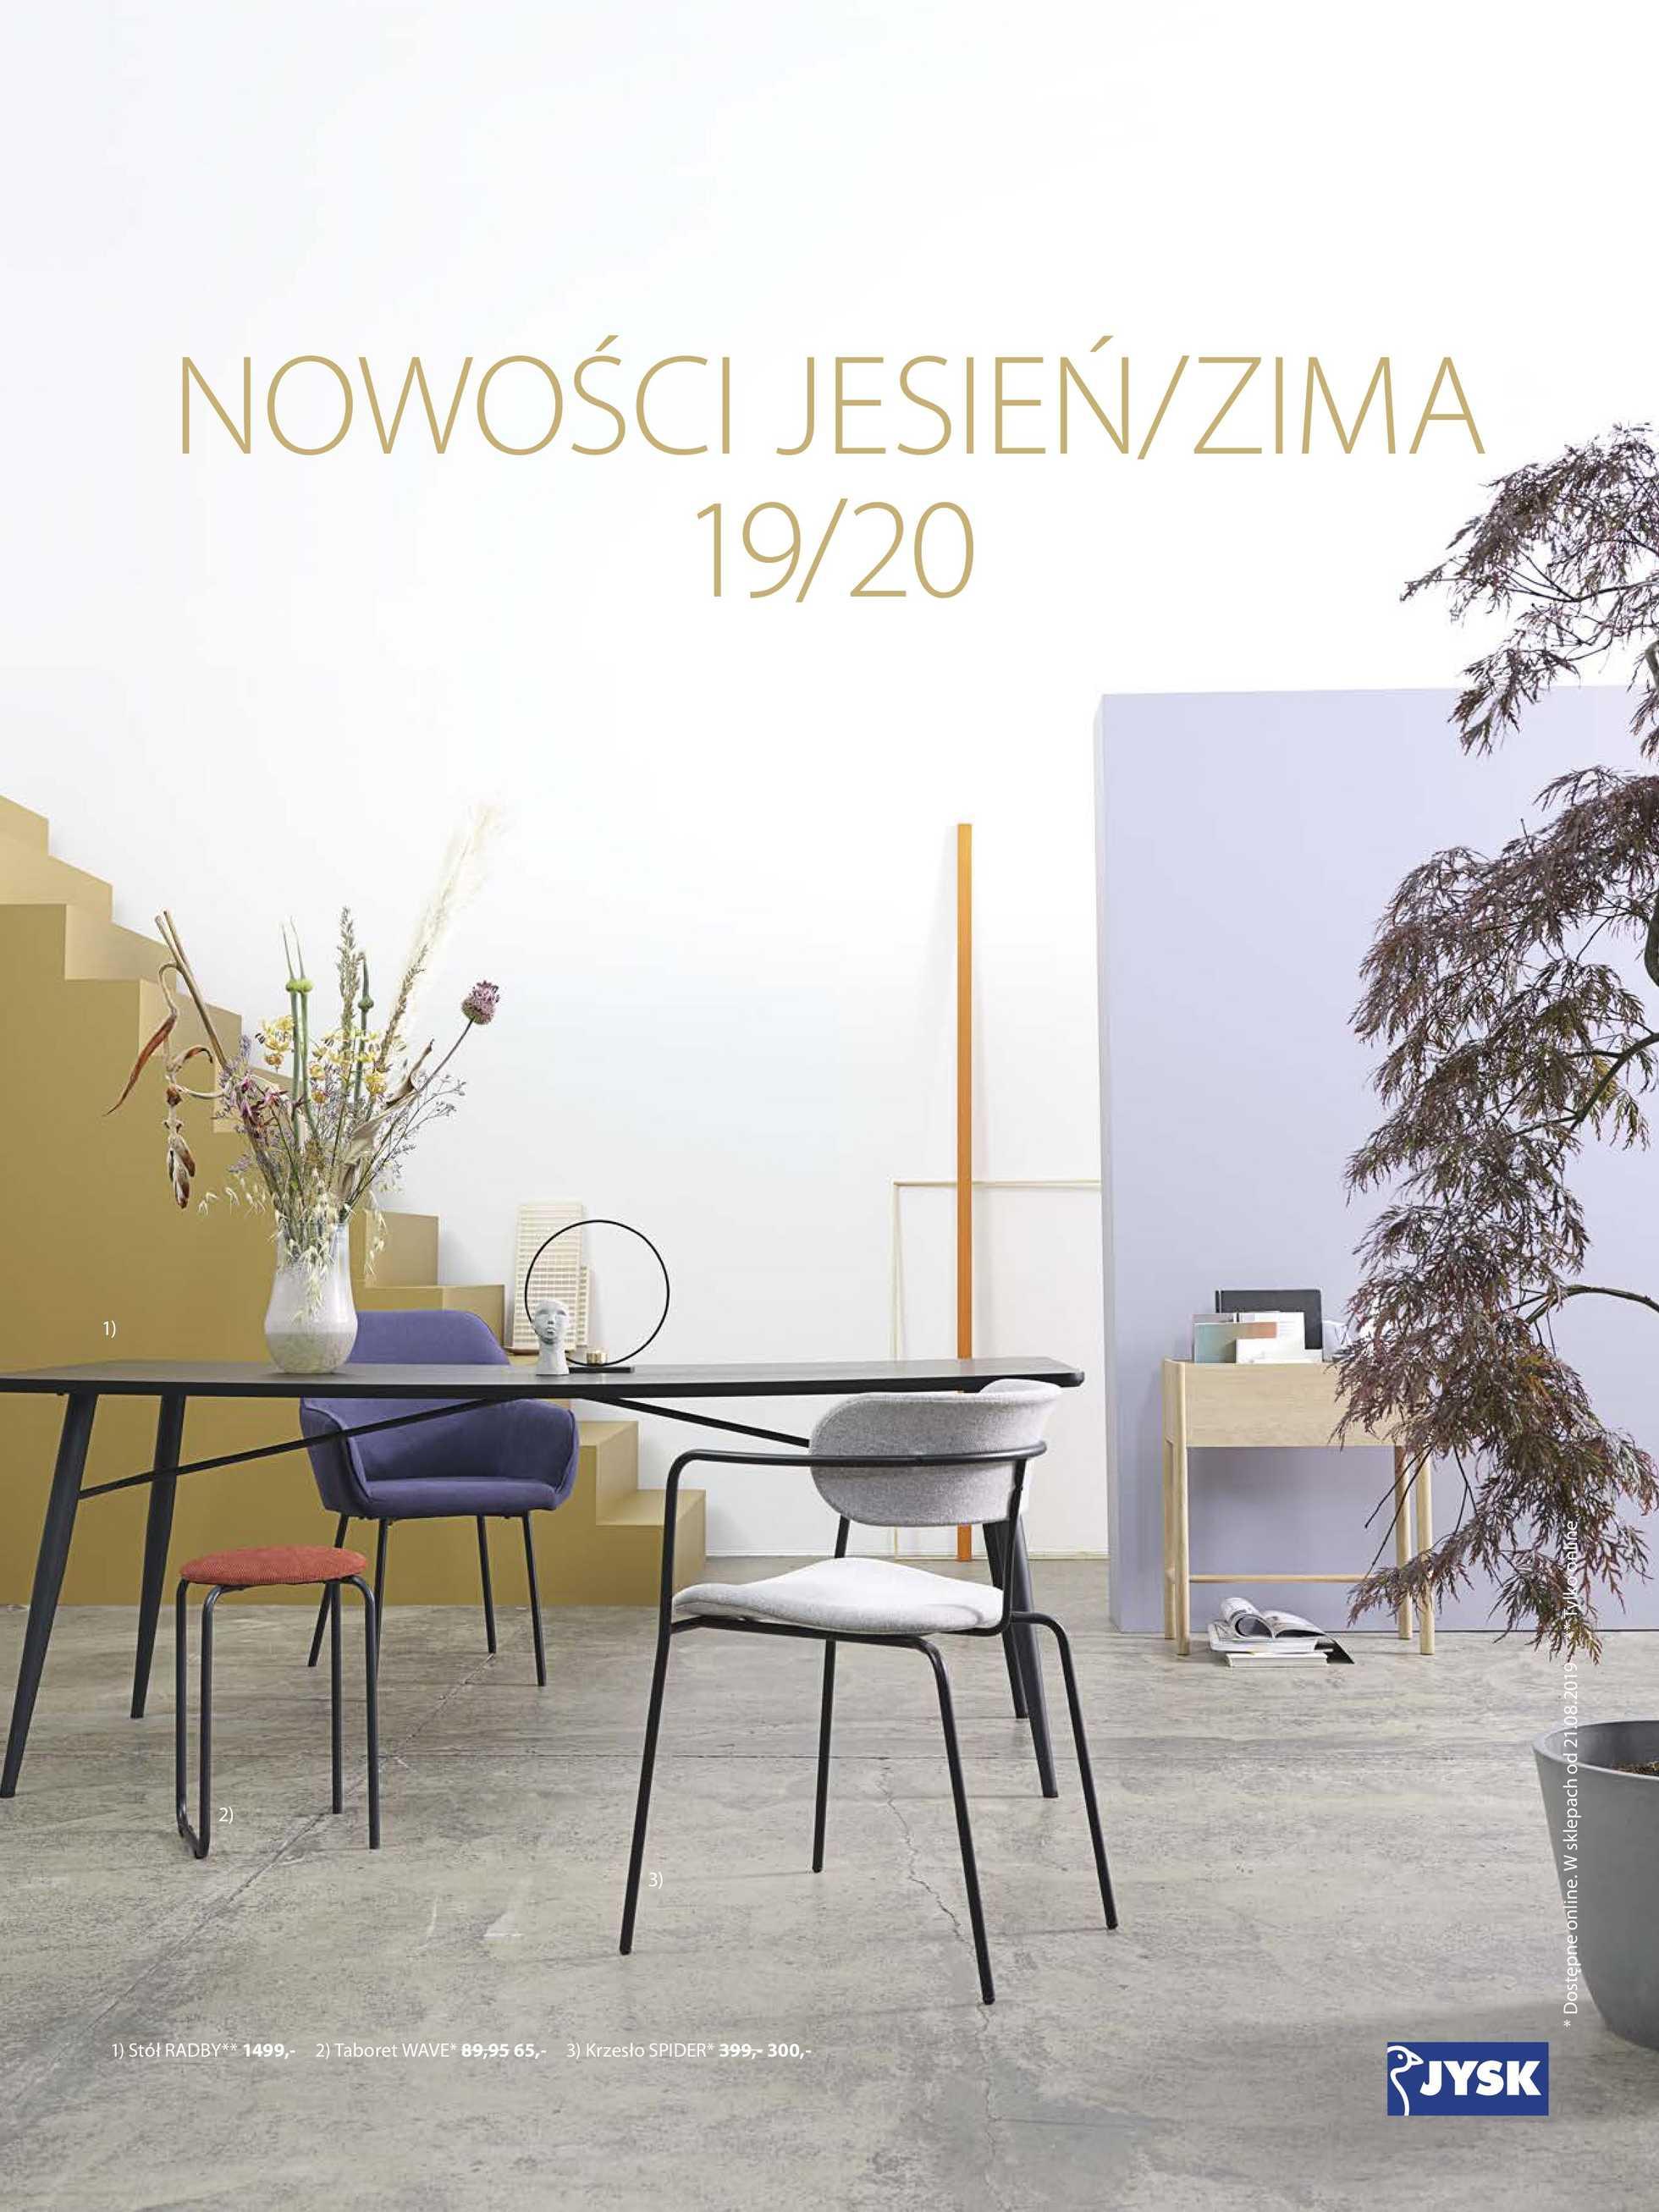 Jysk Gazetka Promocyjna 21 08 2019 Gazetkowopl